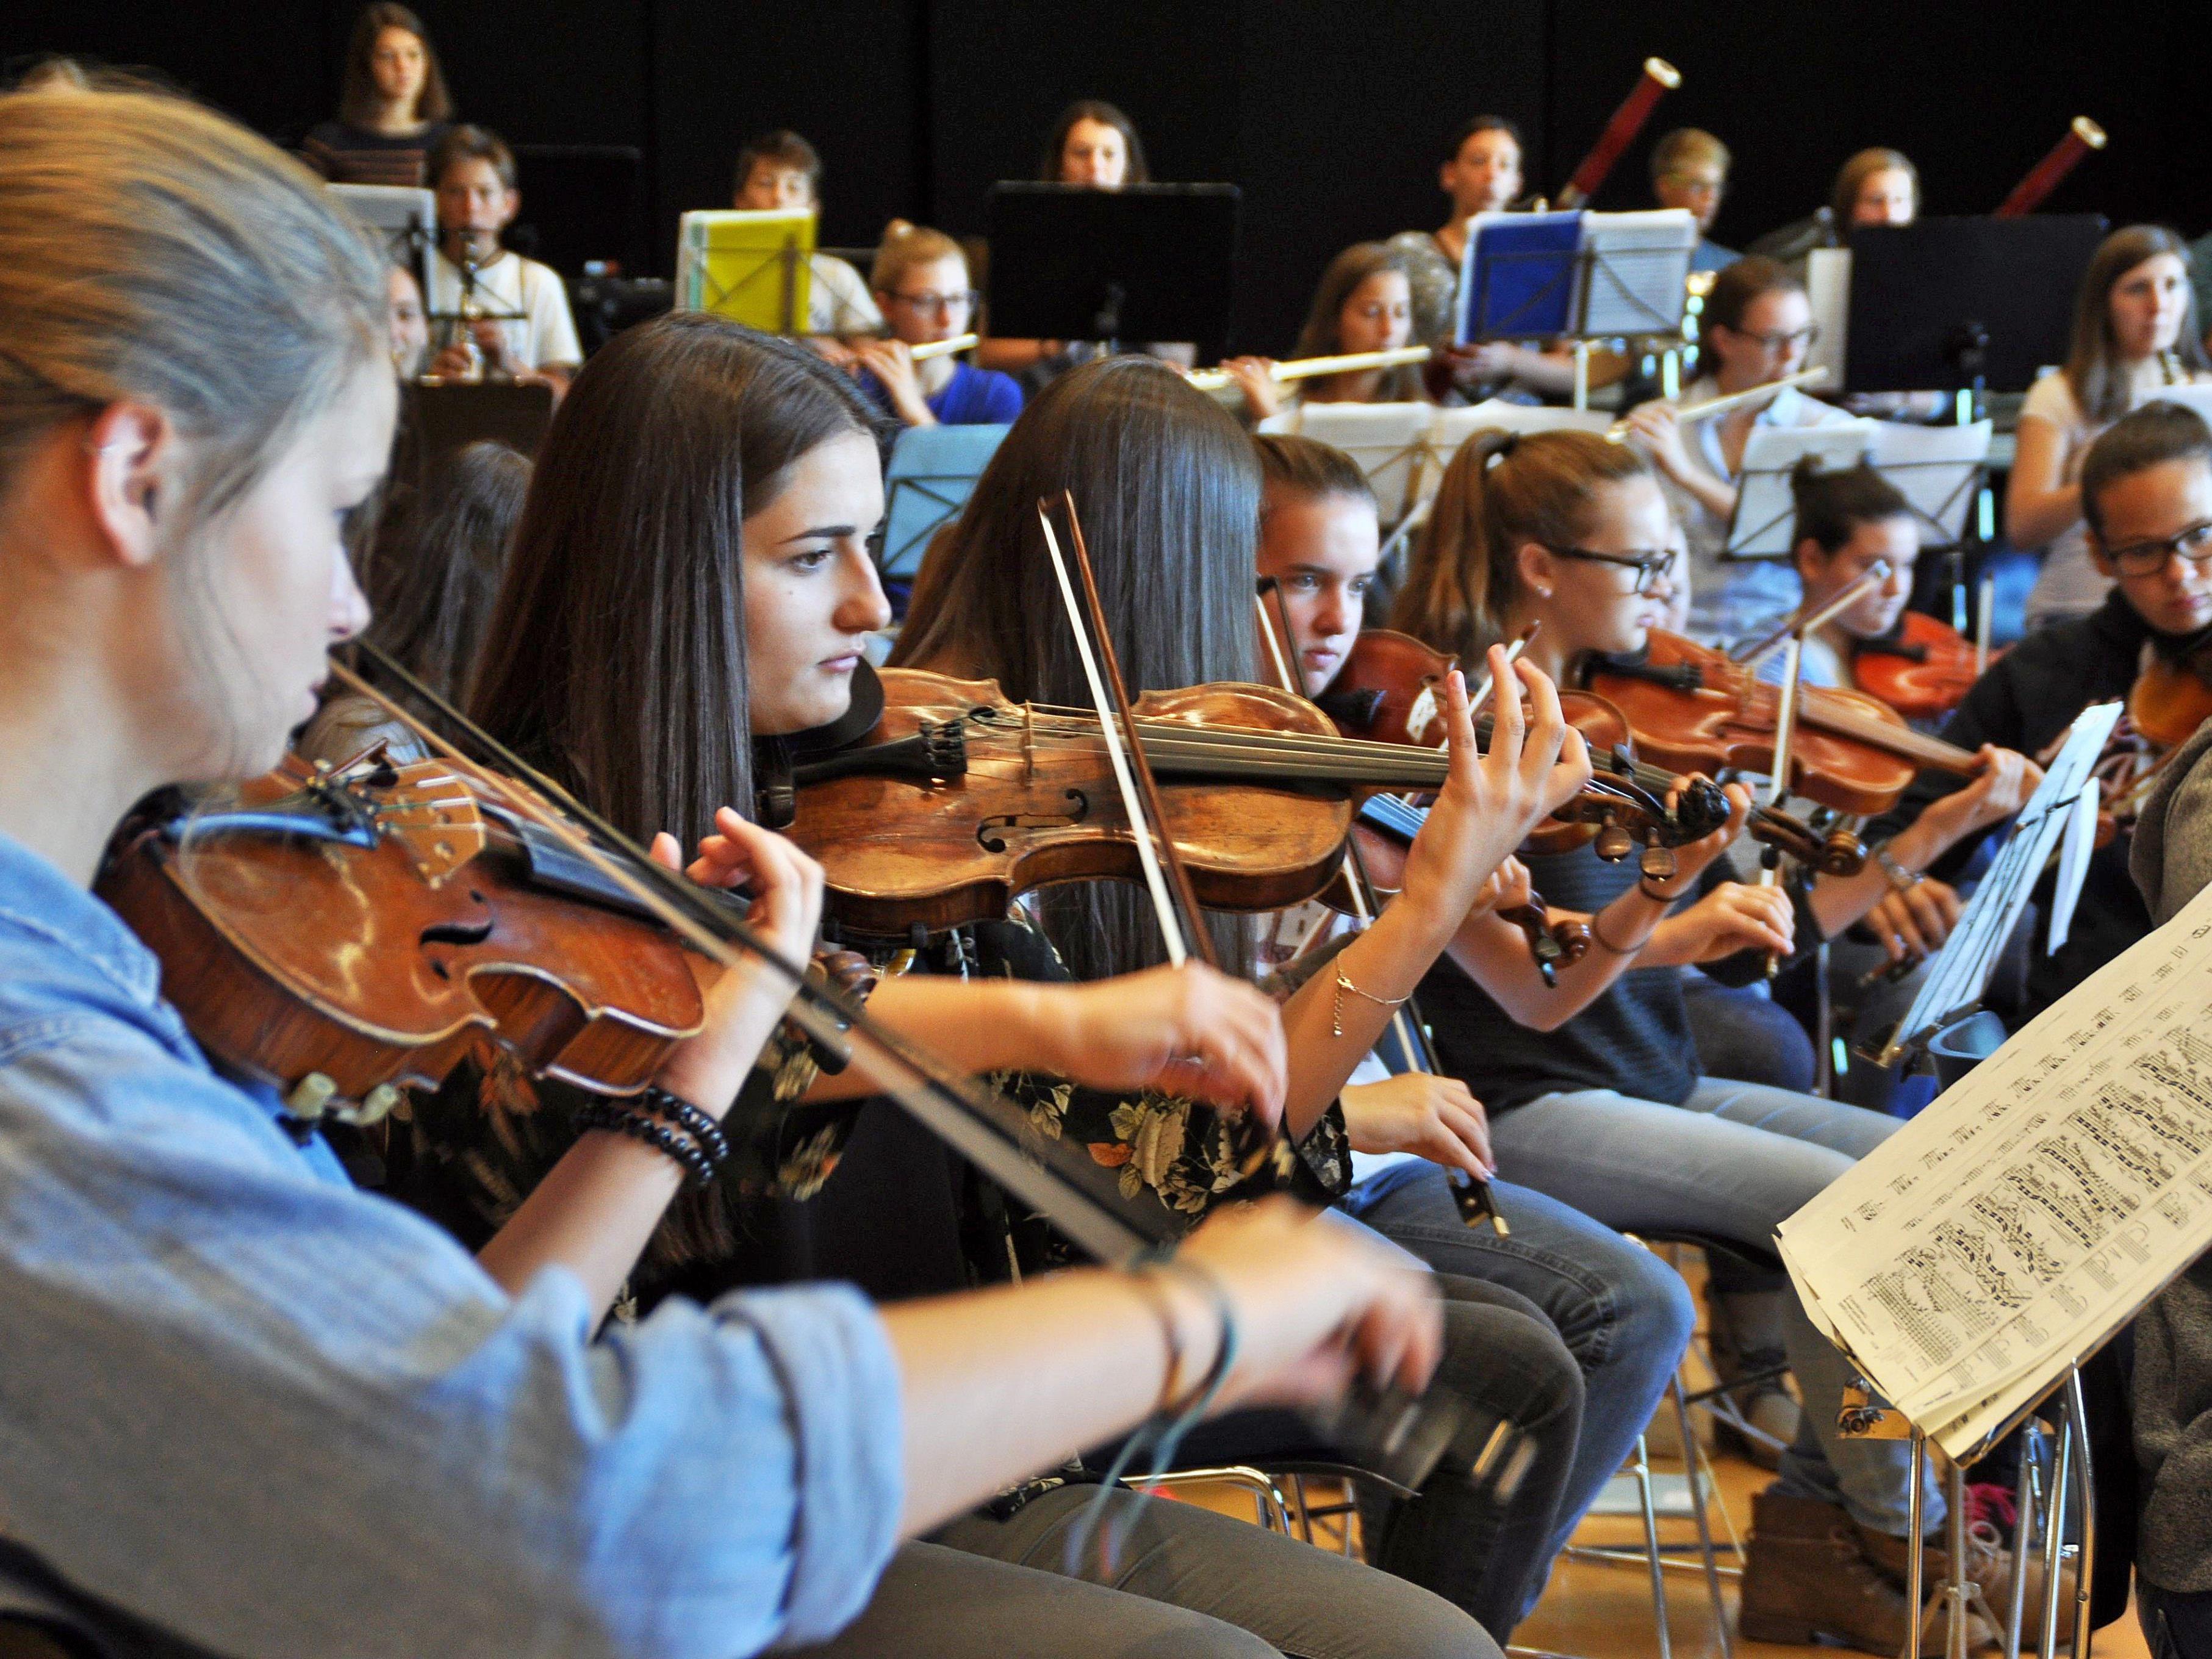 Sieben Tage wurde unter der Leitung von Dir. Ivo Warenitsch intensiv am neuen Programm geprobt und in den Orchesteralltag abgetaucht.